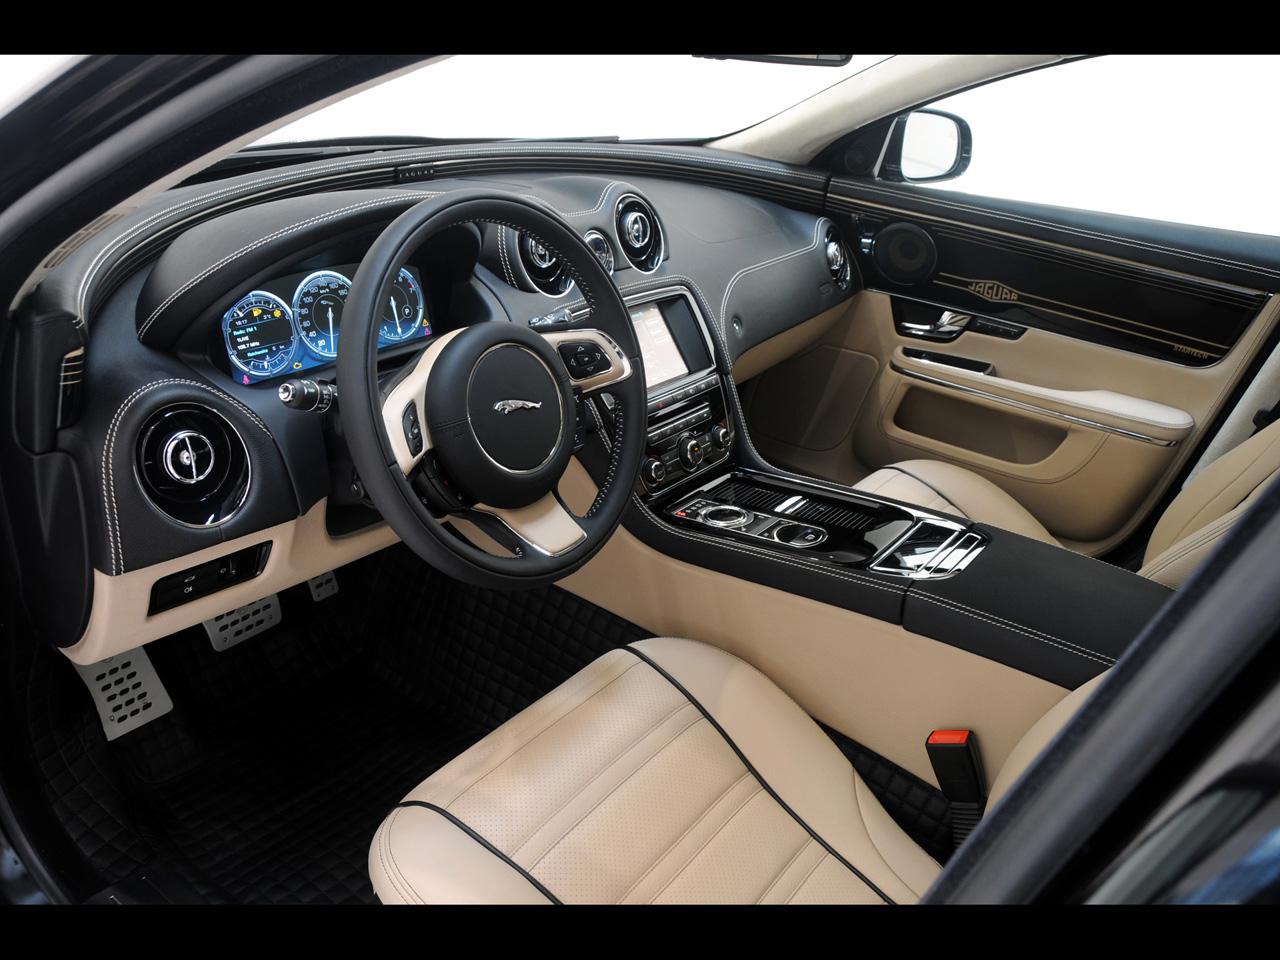 jaguar xj interior its my car club. Black Bedroom Furniture Sets. Home Design Ideas